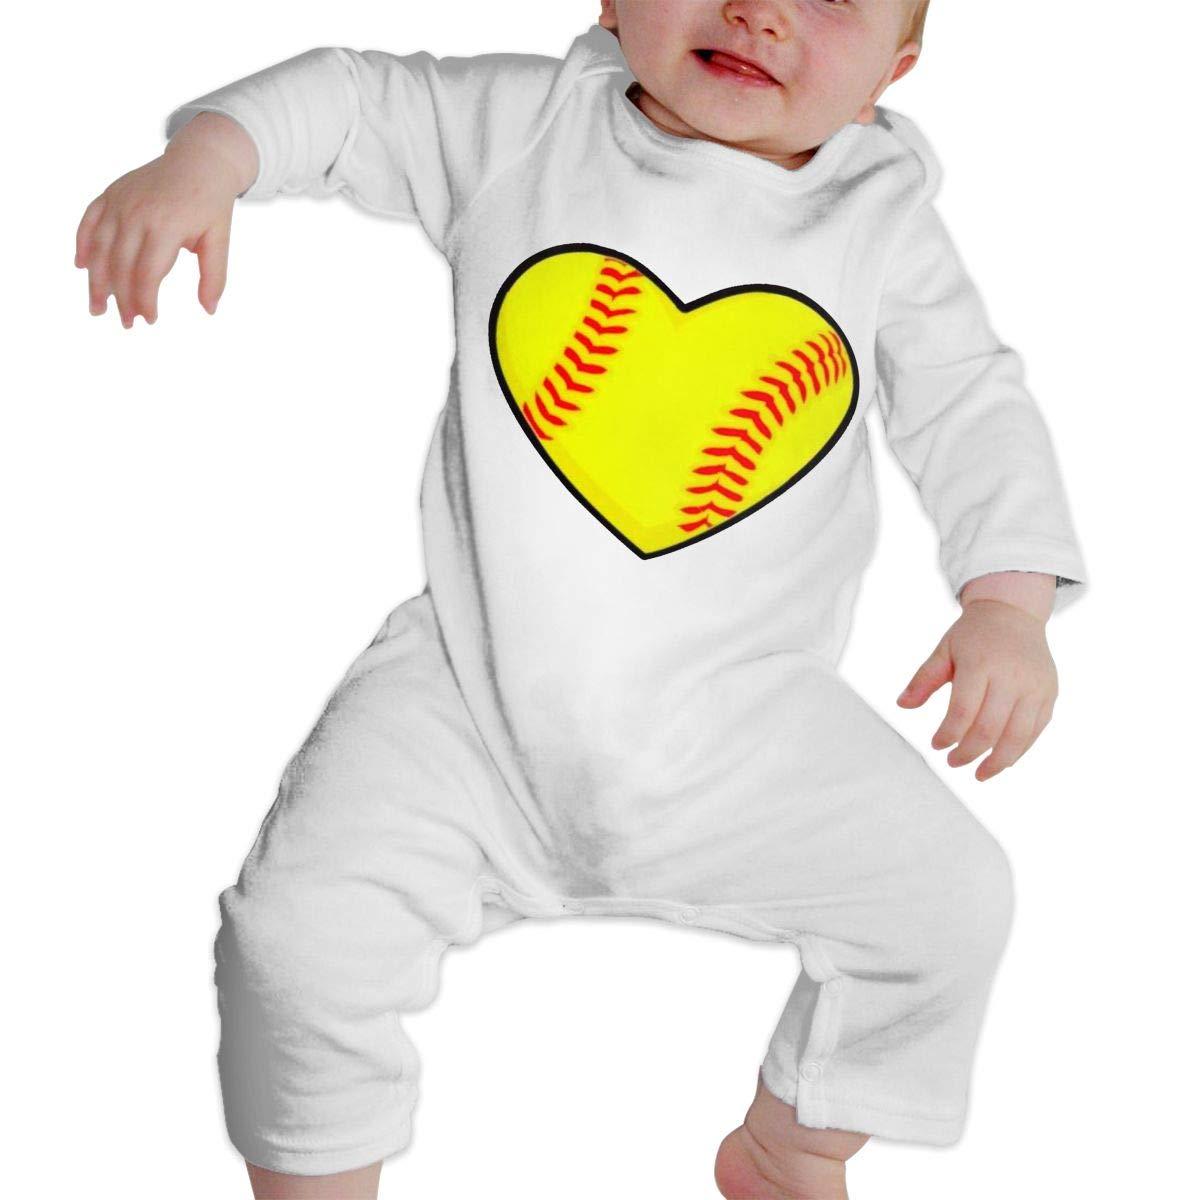 KAYERDELLE I Love Softball Heart Long-Sleeve Unisex Baby Bodysuits for 6-24 Months Toddler